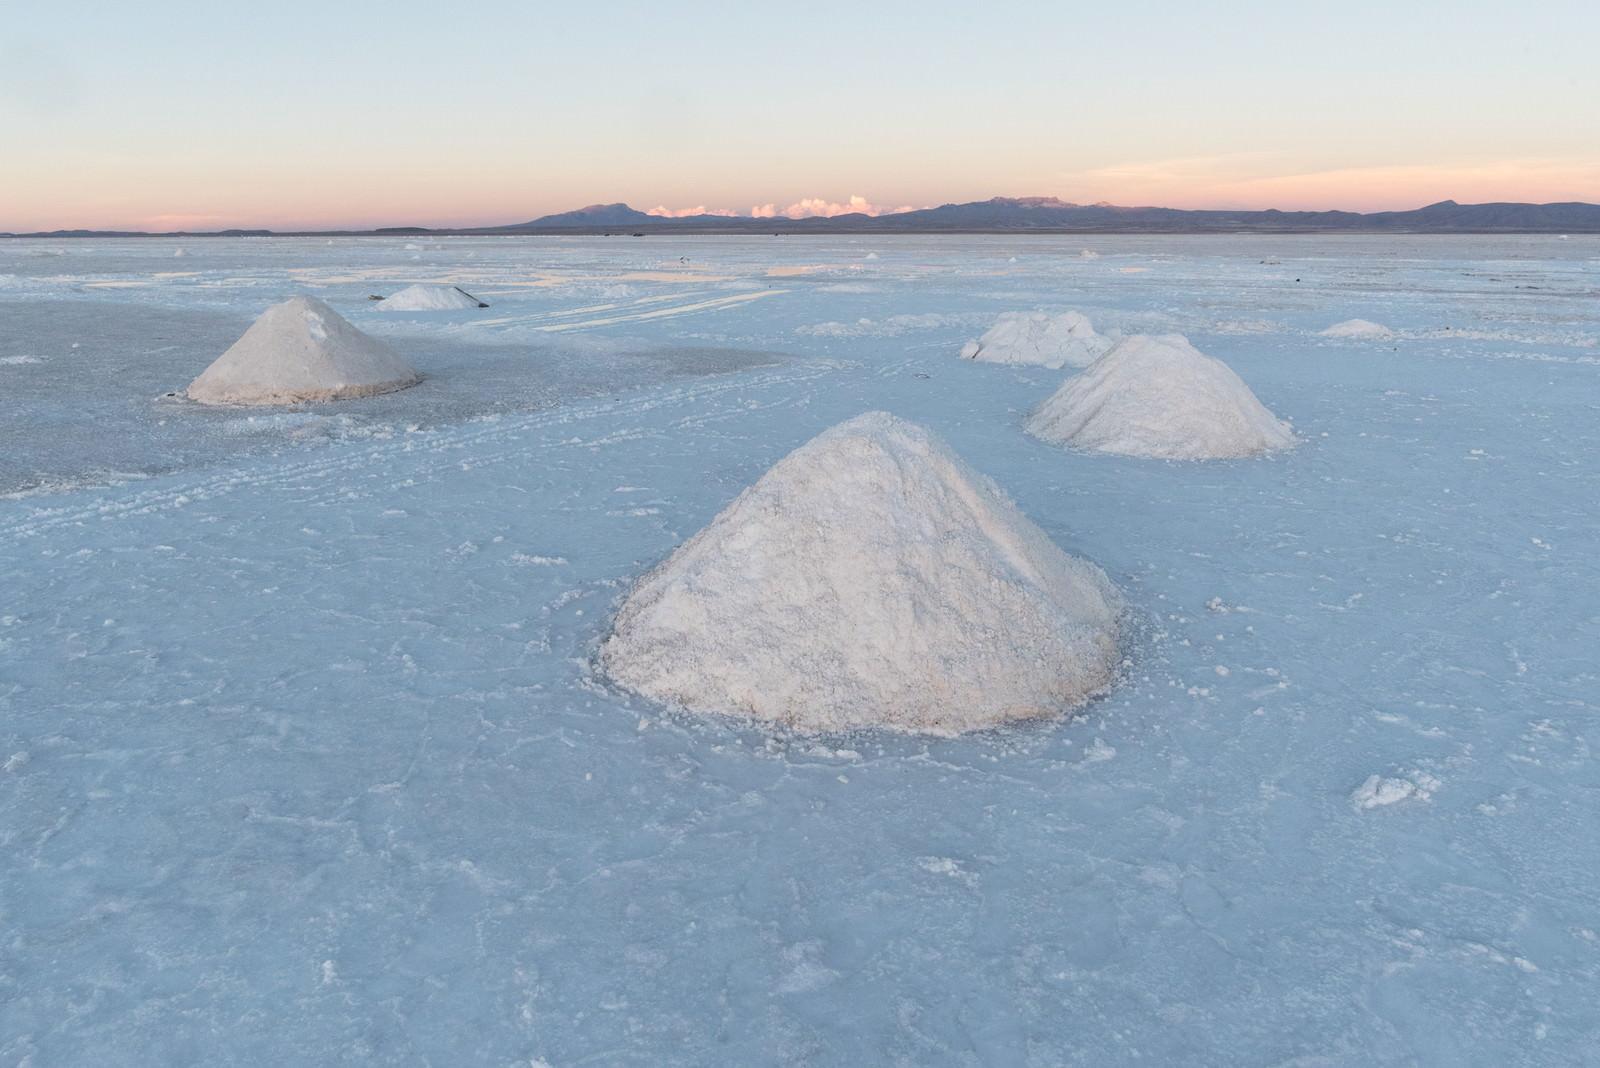 「ウユニ塩湖の塩の採掘」の写真